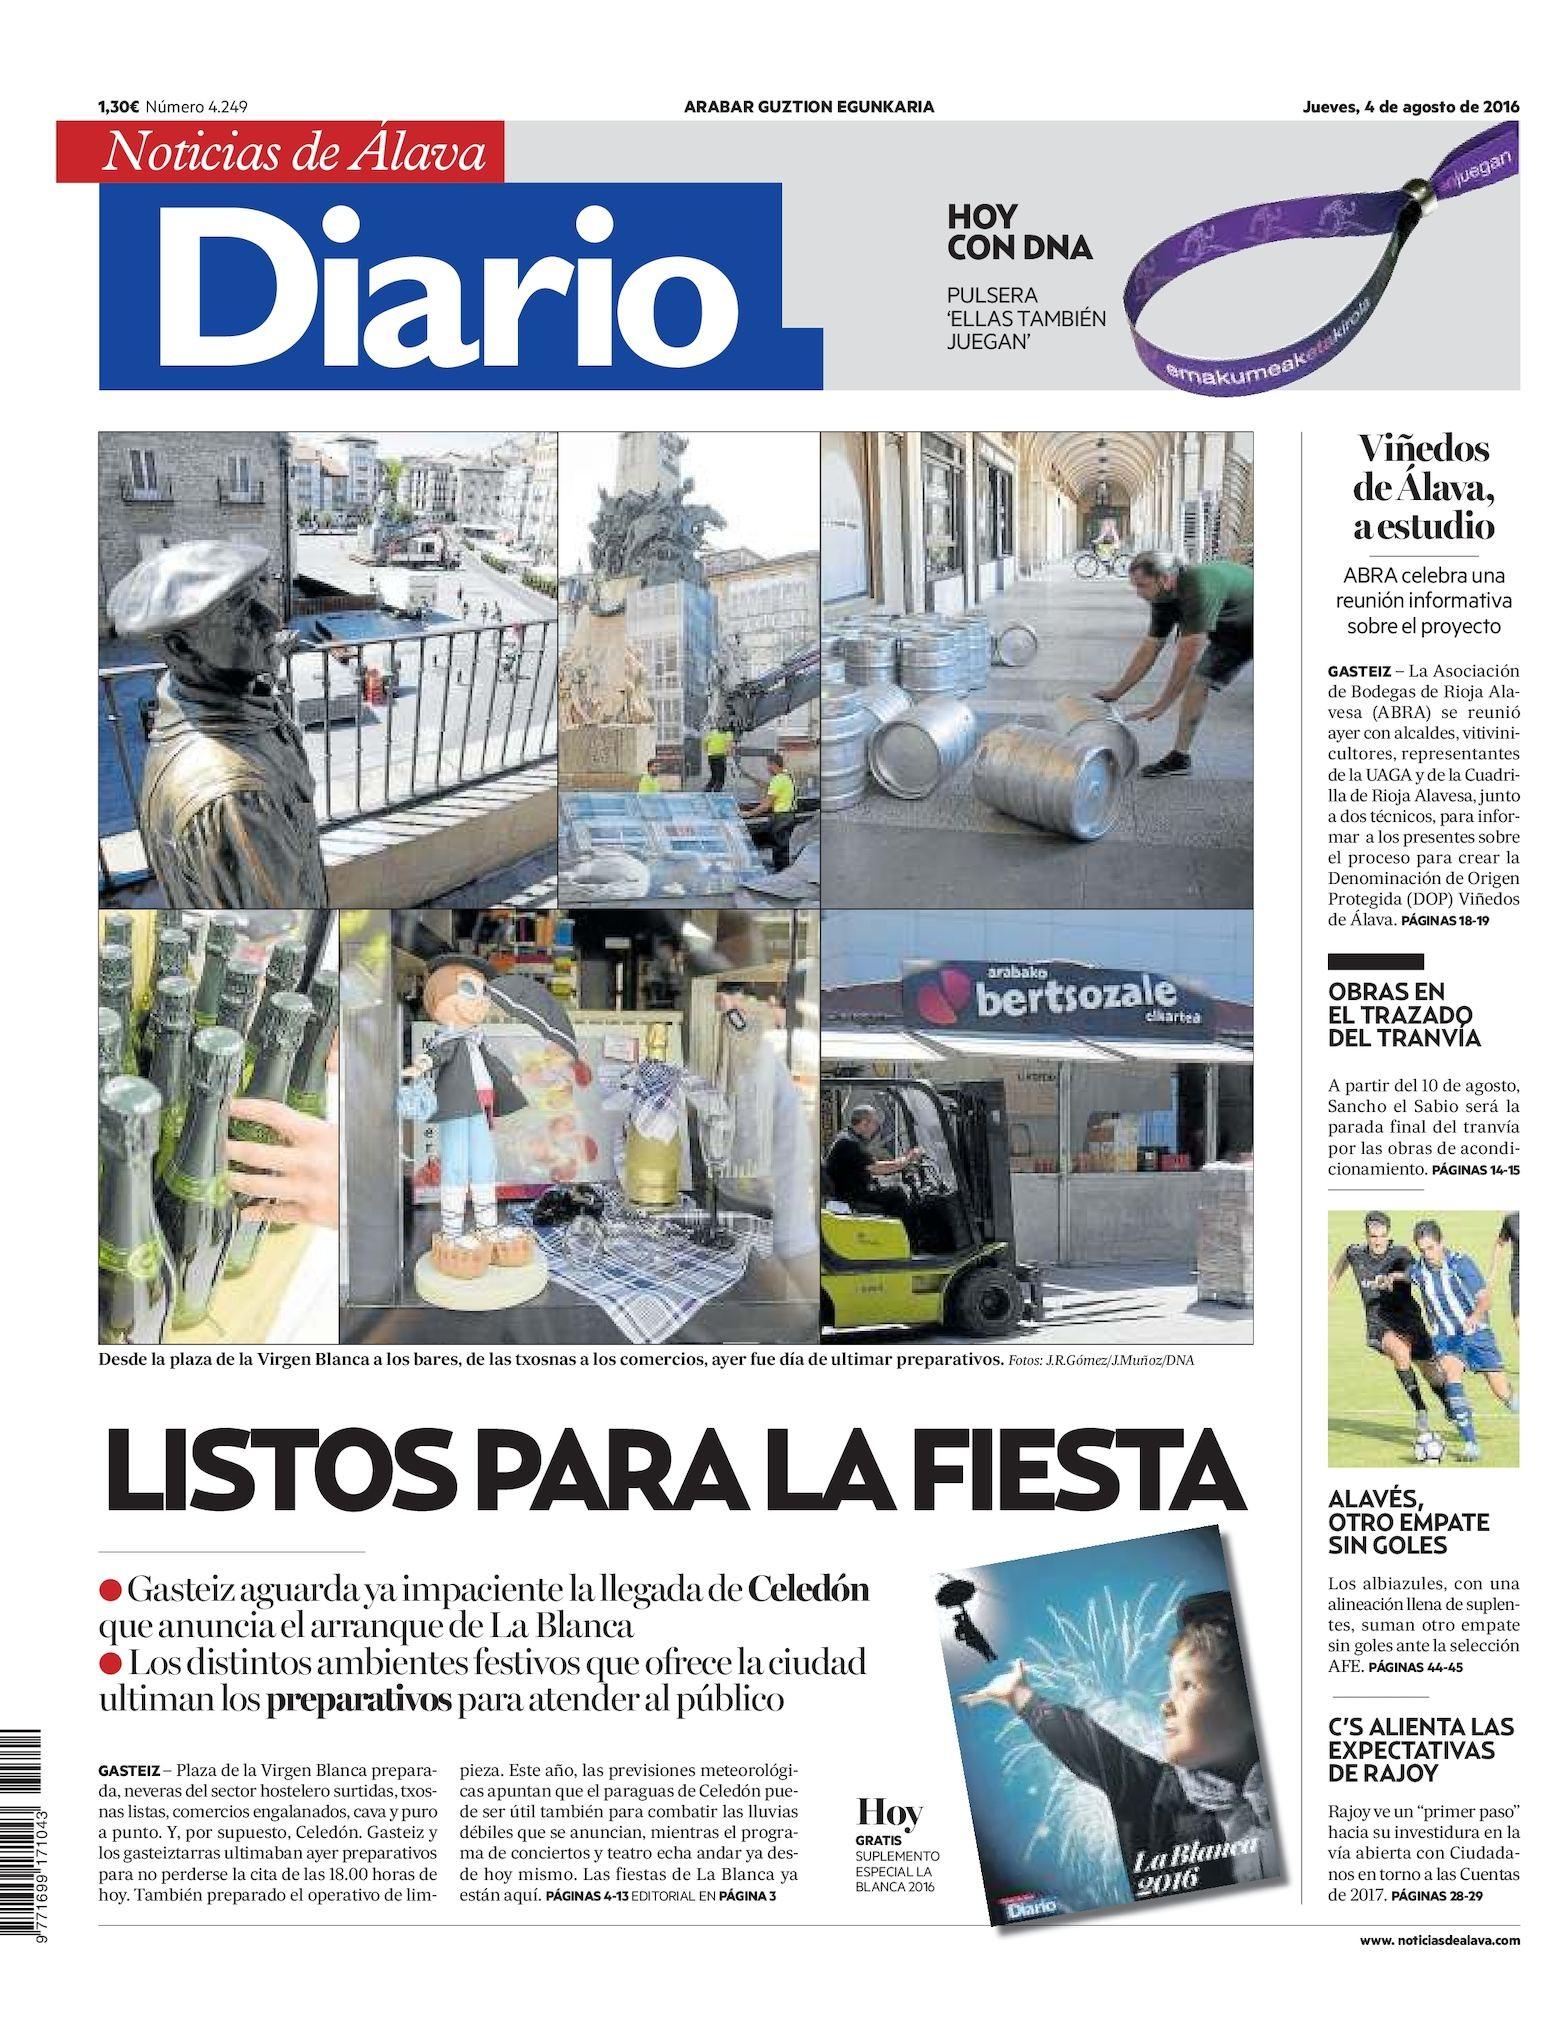 Calendario Zaragozano 2019 Más Recientes Calaméo Diario De Noticias De lava